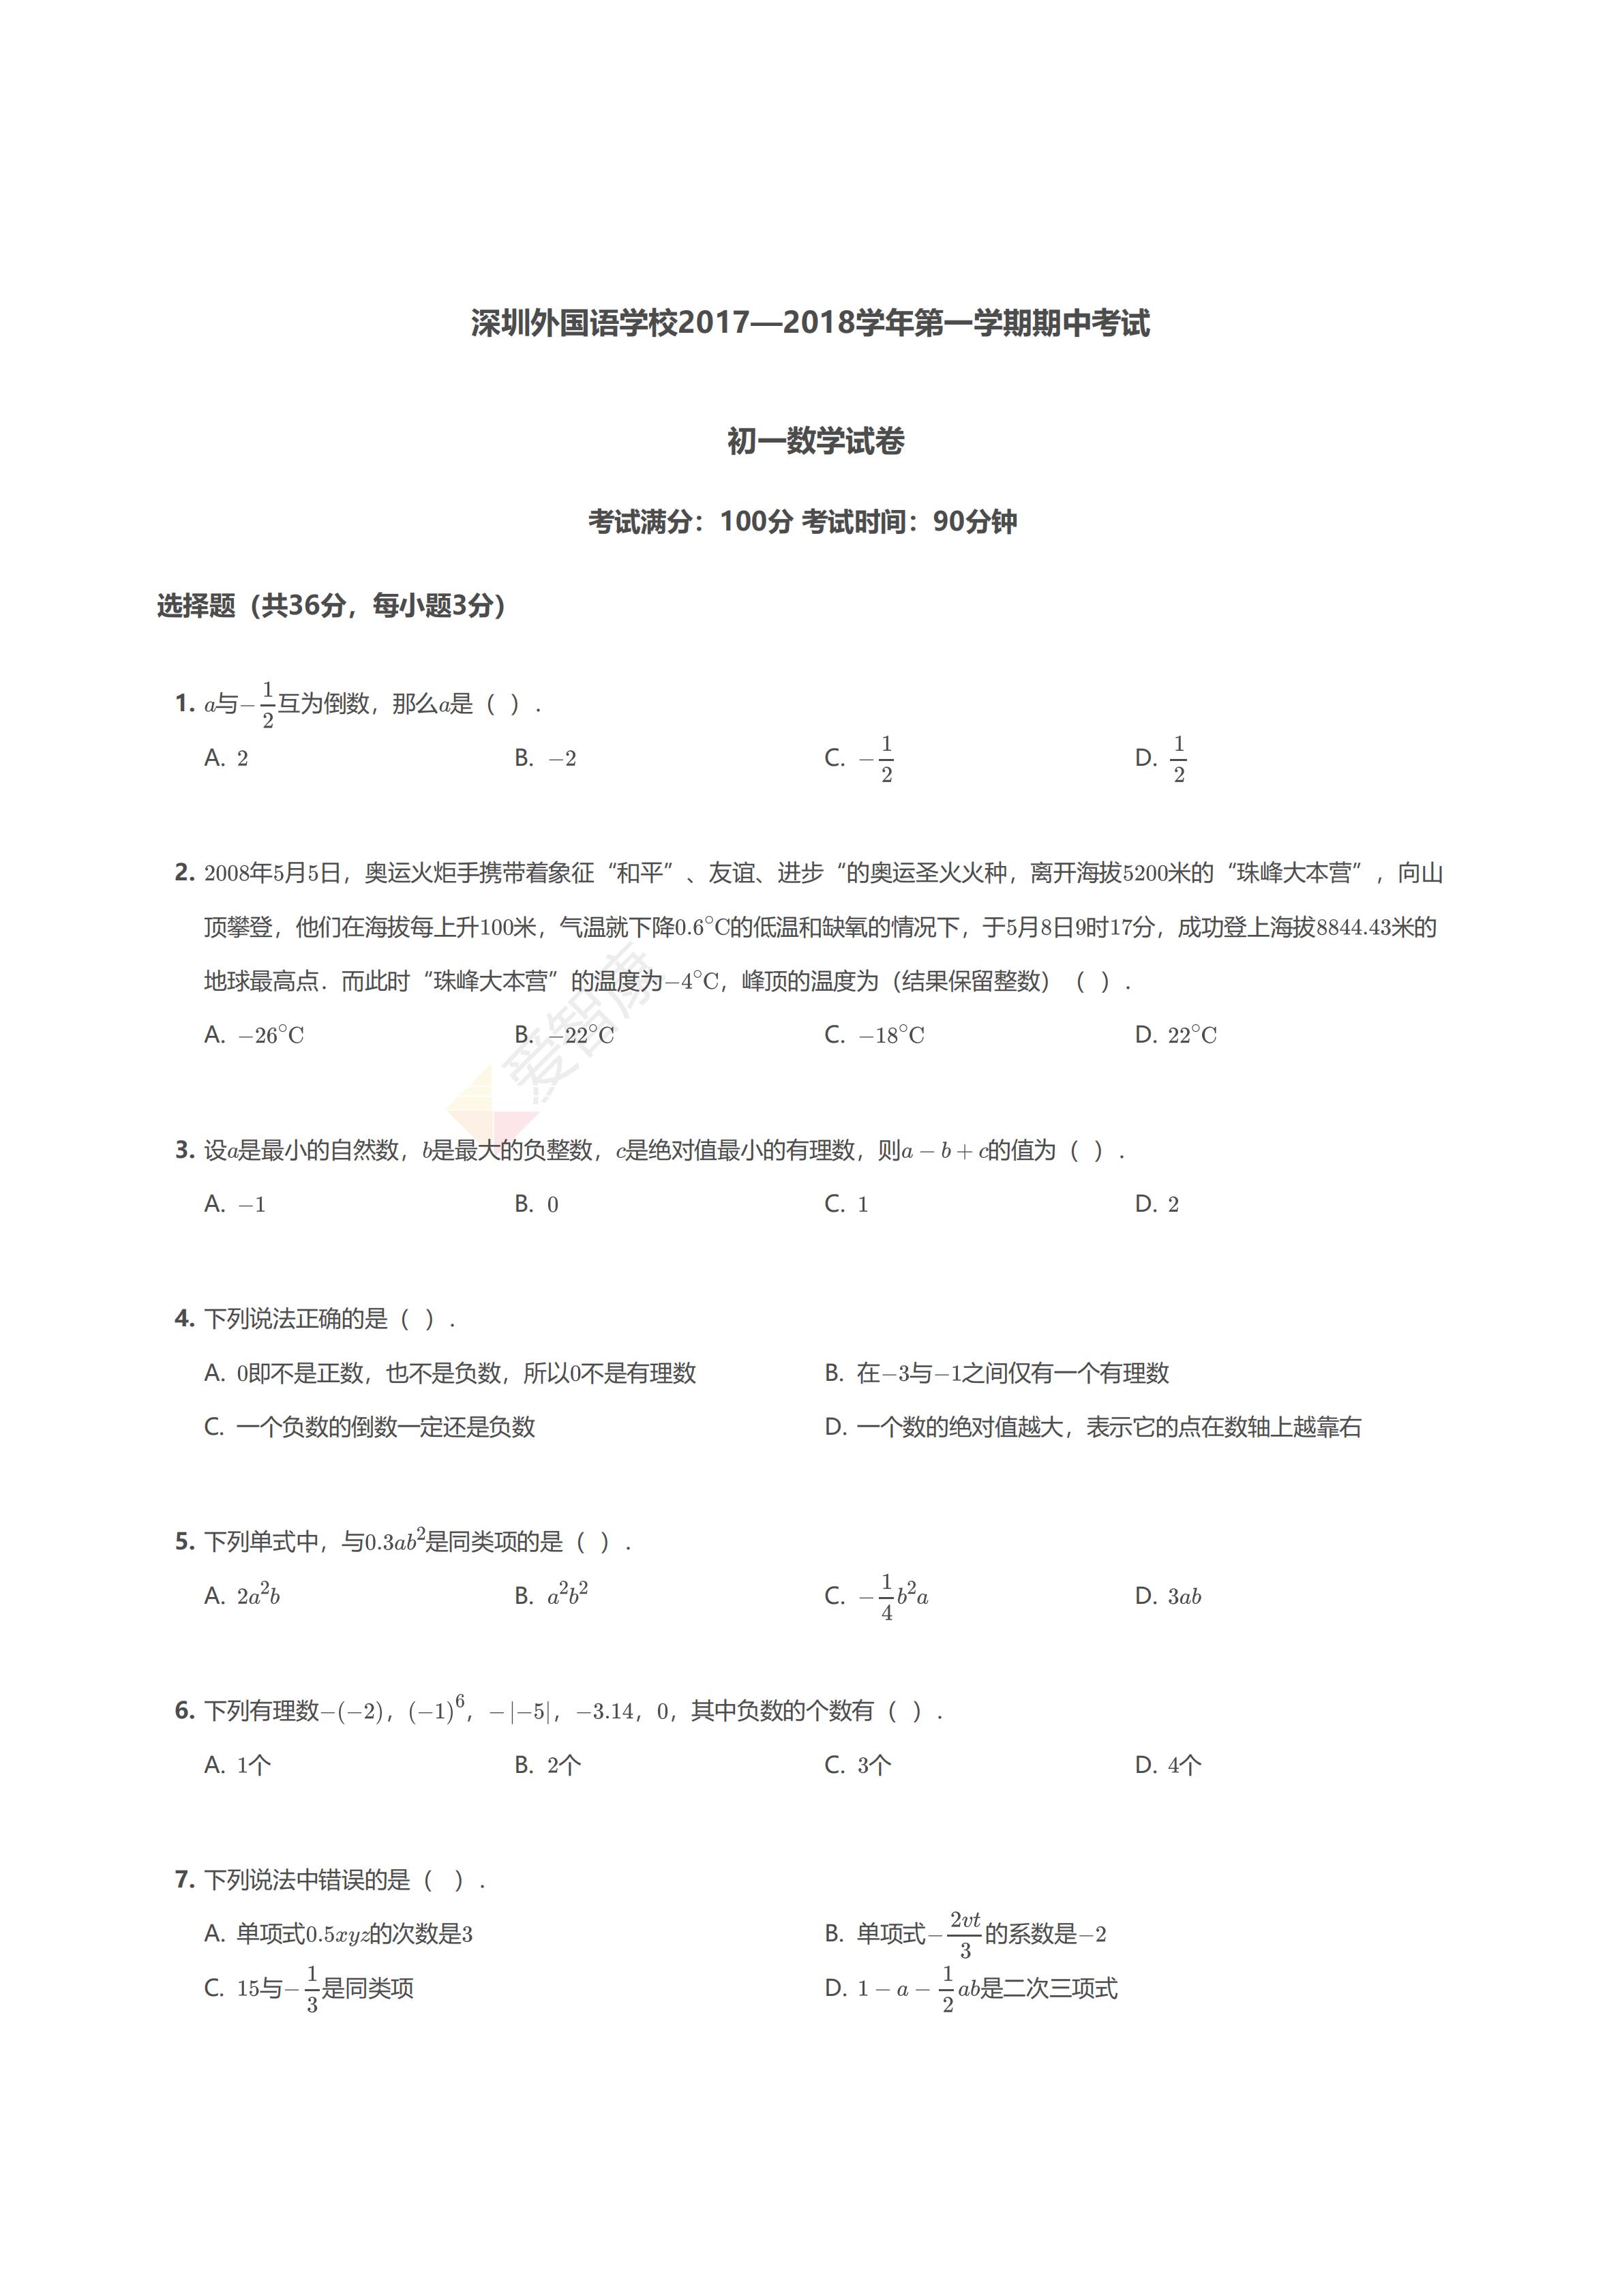 2018深圳初一上期中考试数学复习试题及答案(二)